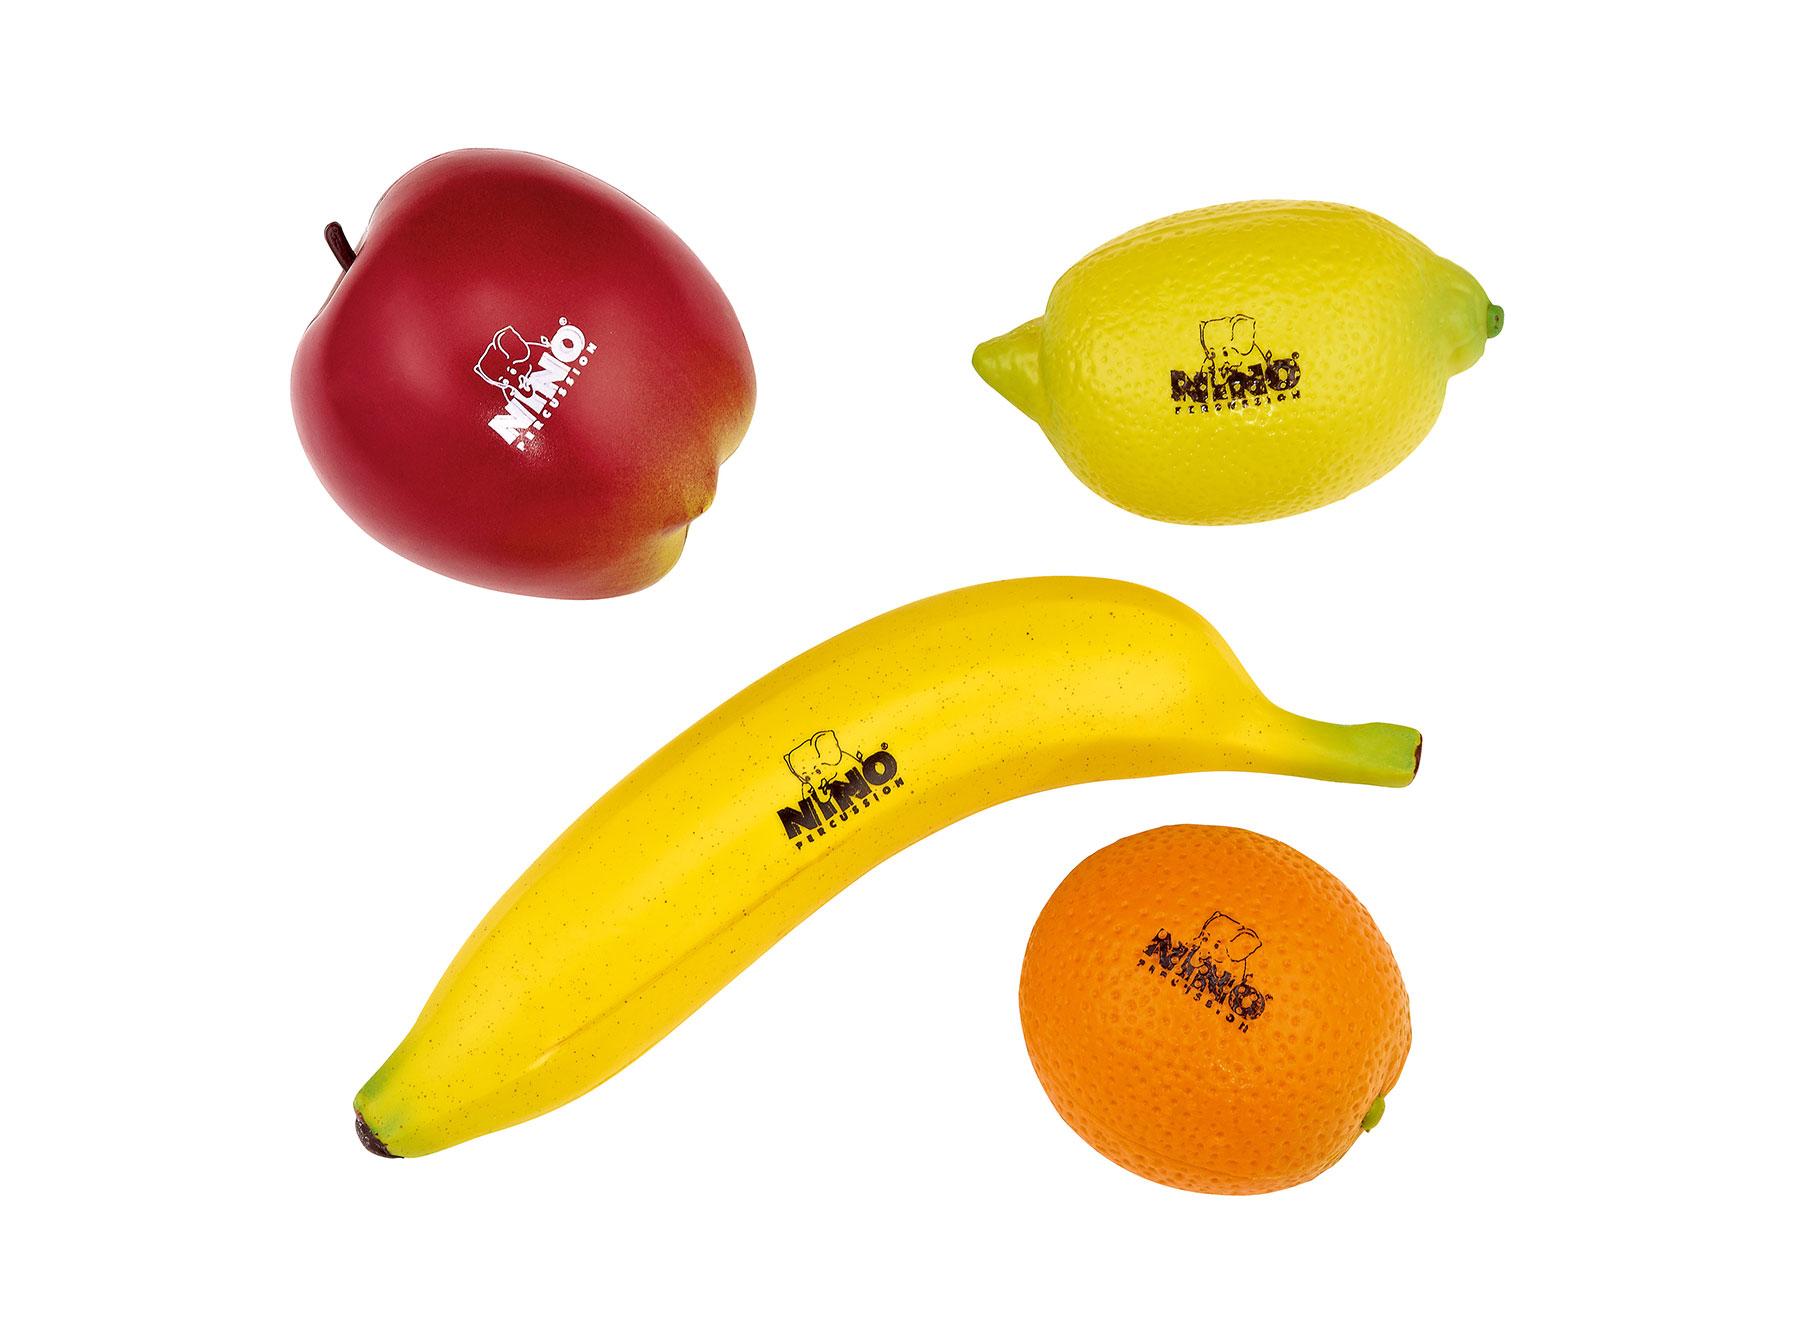 Billede af Rasle frugt pakke